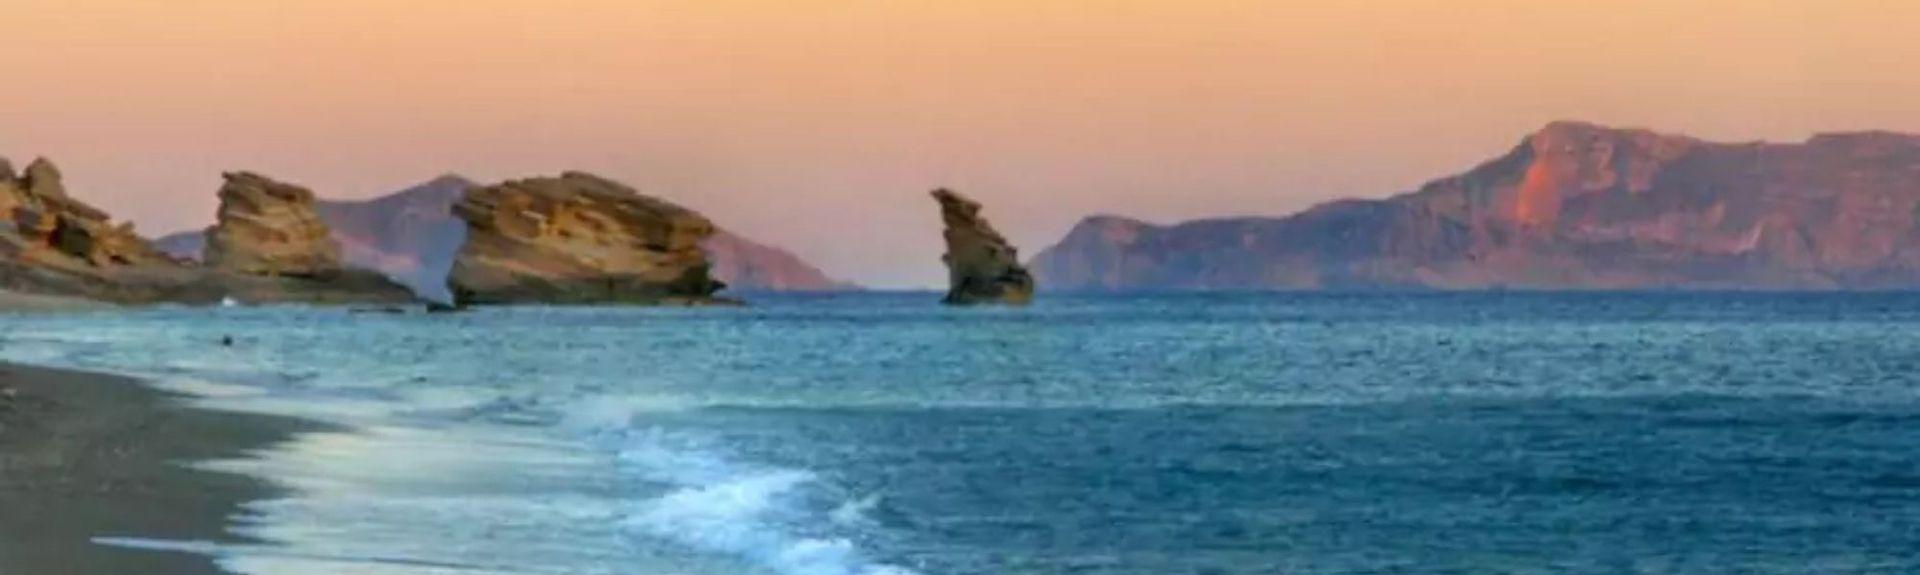 Méronas, Amari, Crete, Greece